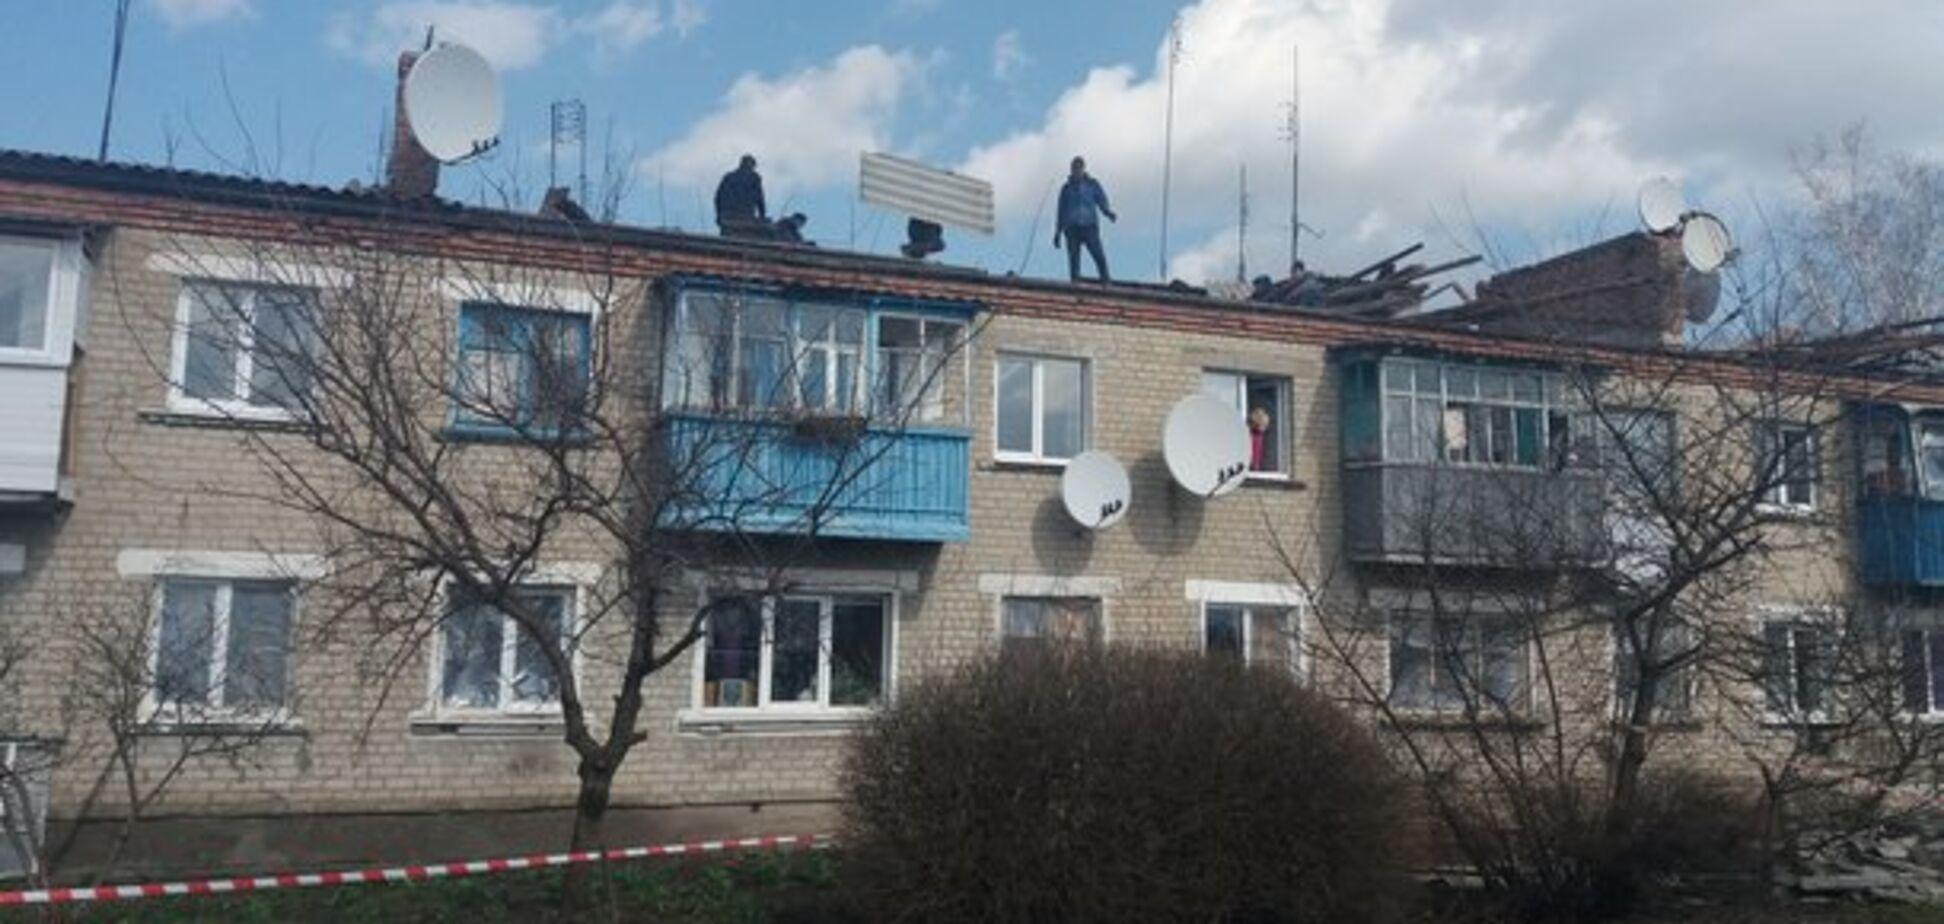 Наши дома сейчас в лучшем состоянии, чем были до взрывов – жители Балаклеи